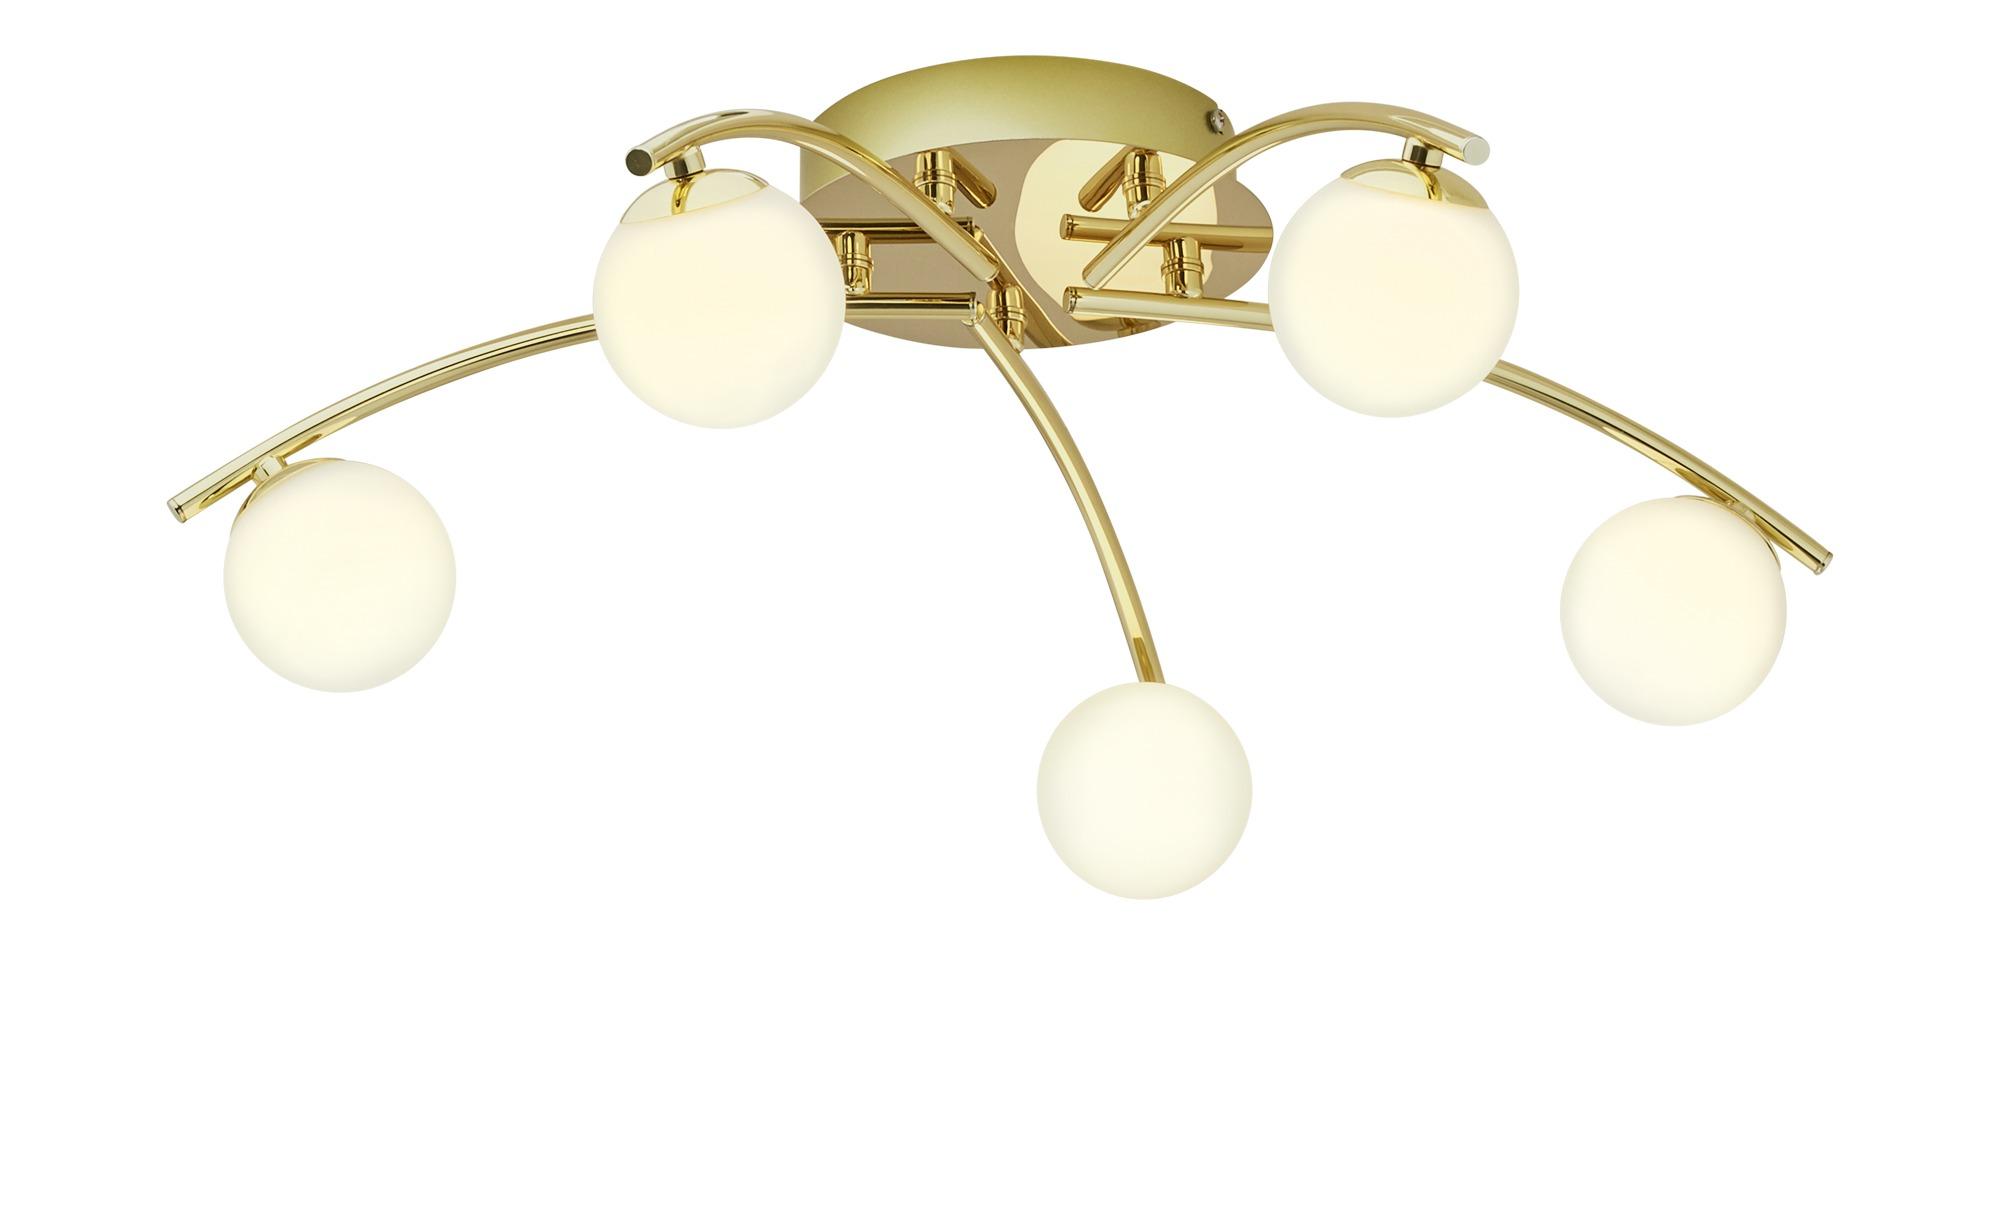 KHG LED-Deckenleuchte, 5-flammig, Messing blank ¦ gold ¦ Maße (cm): H: 18,5 Ø: [57.0] Lampen & Leuchten > Innenleuchten > Deckenleuchten - Höffner